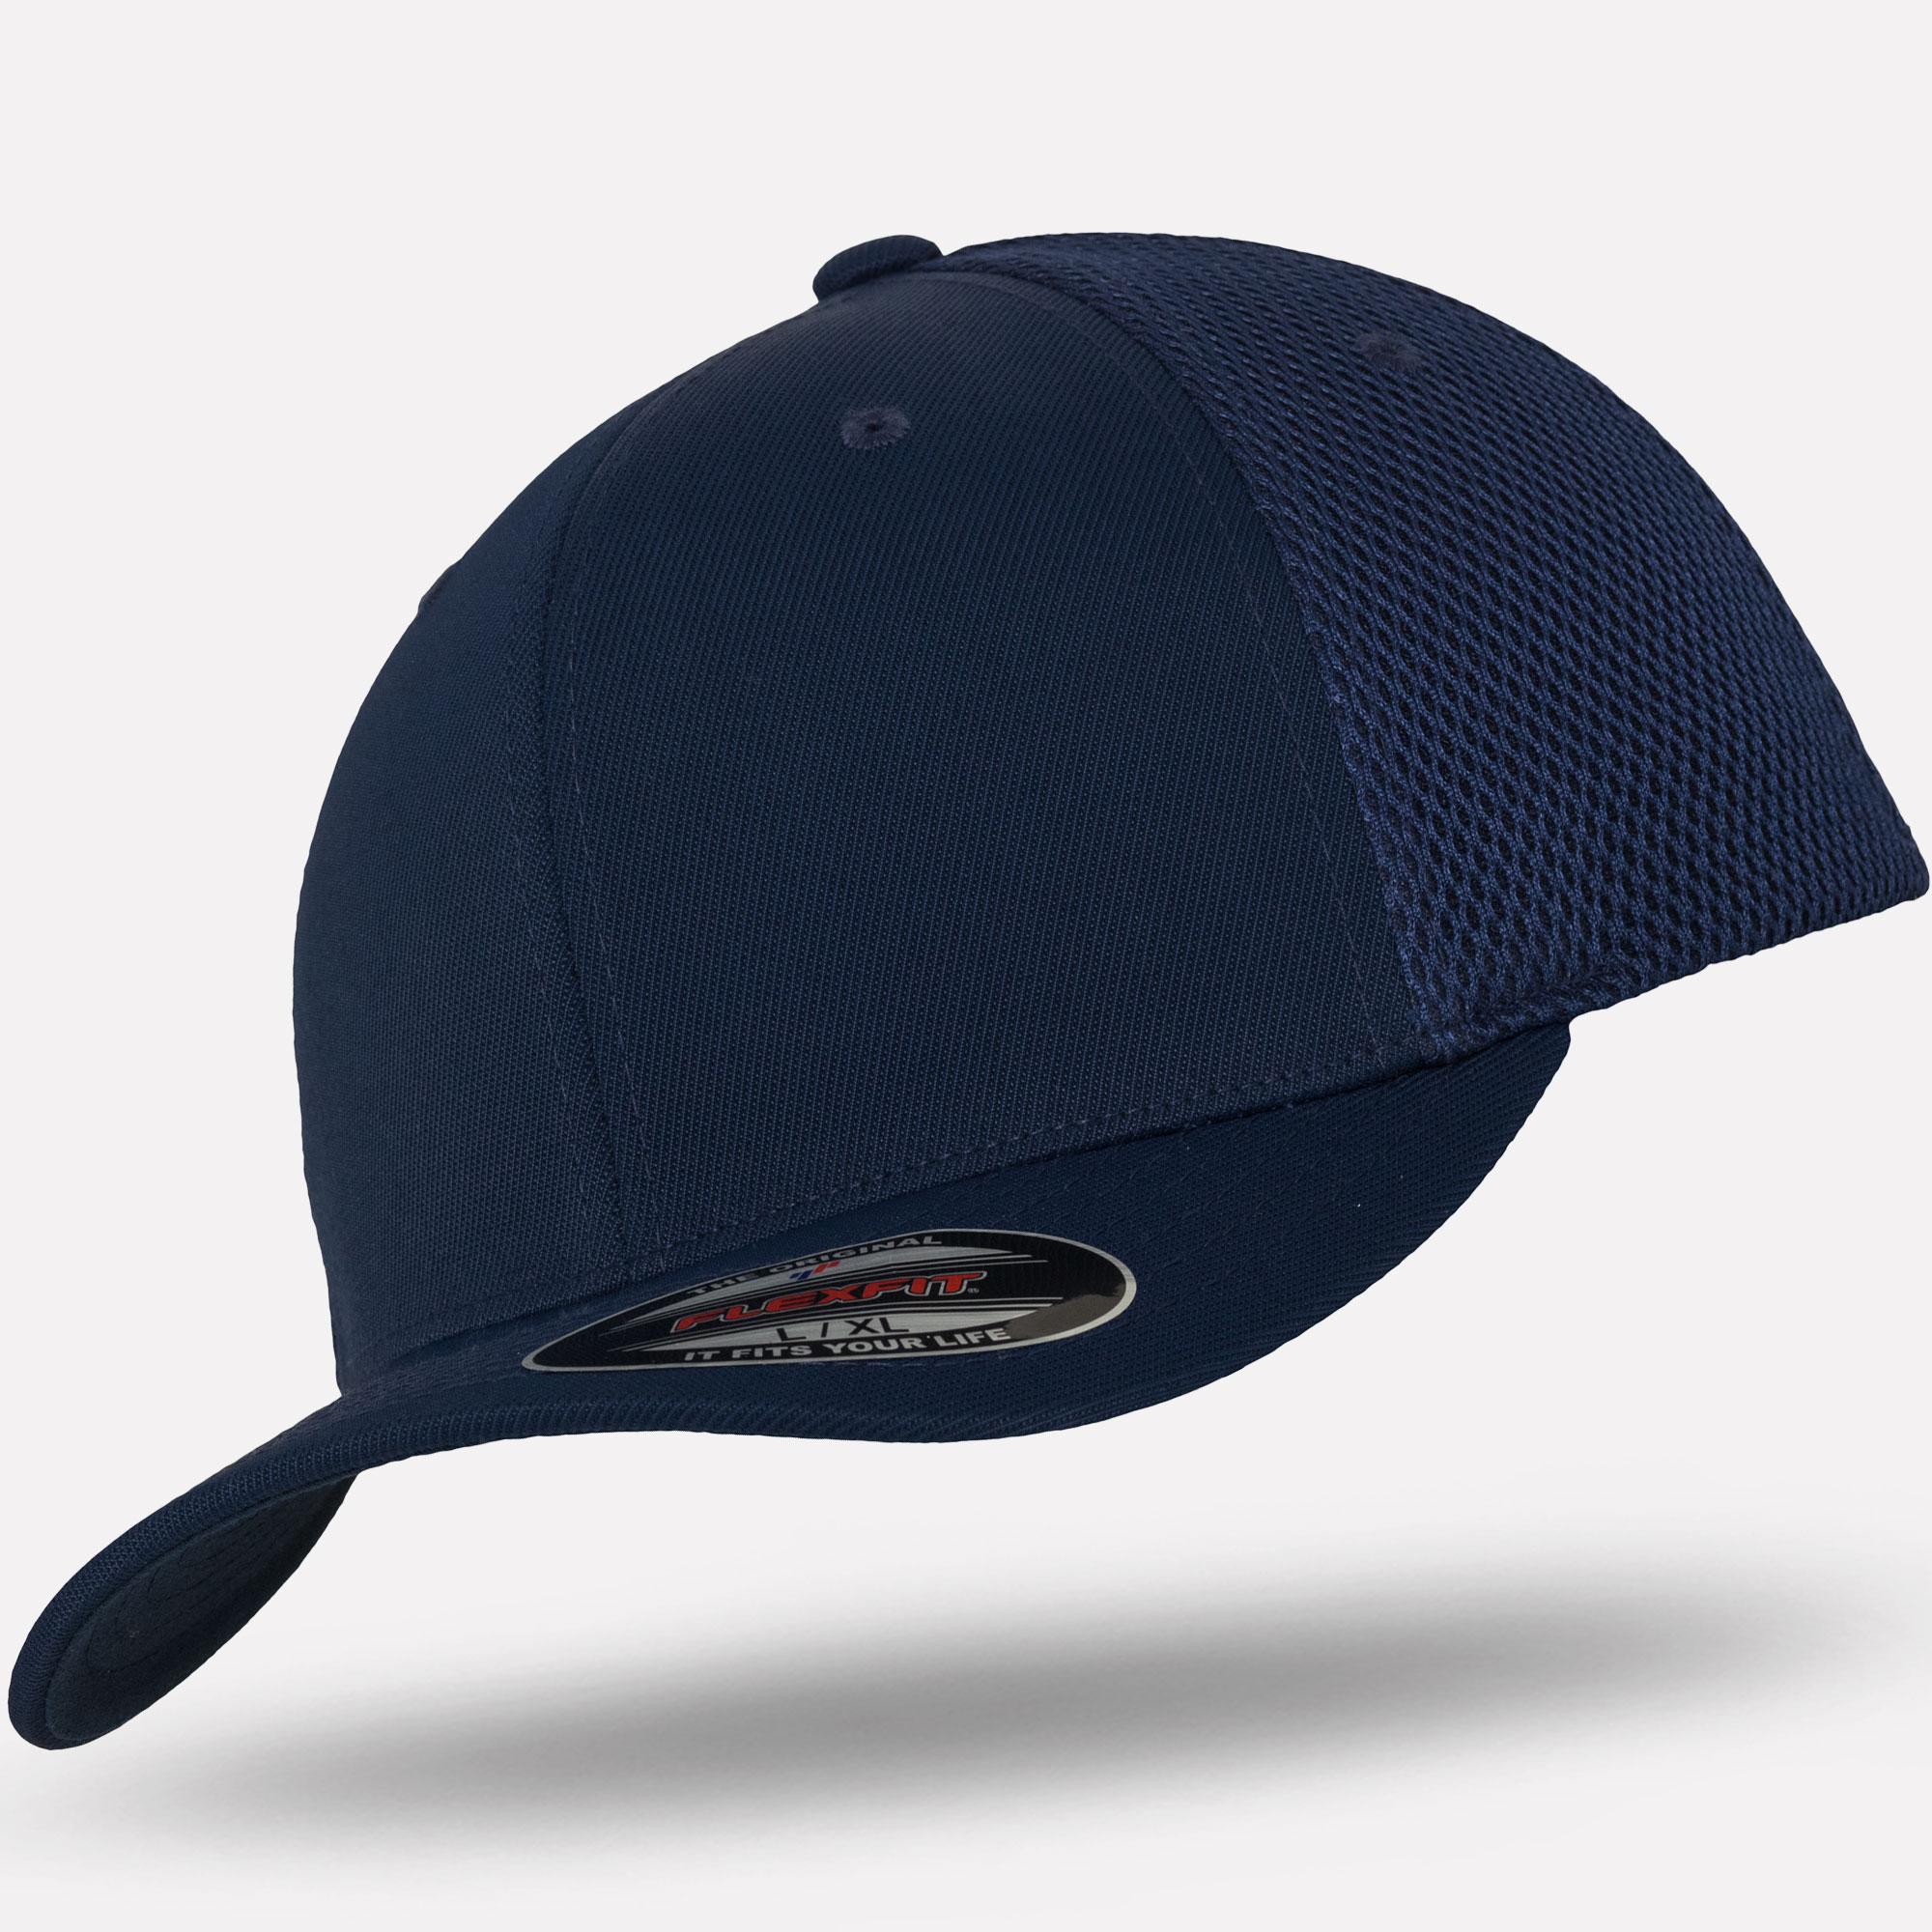 Asics Logo Beanie Blau Dark Cobalt Größe 1. Aufenthalt warm